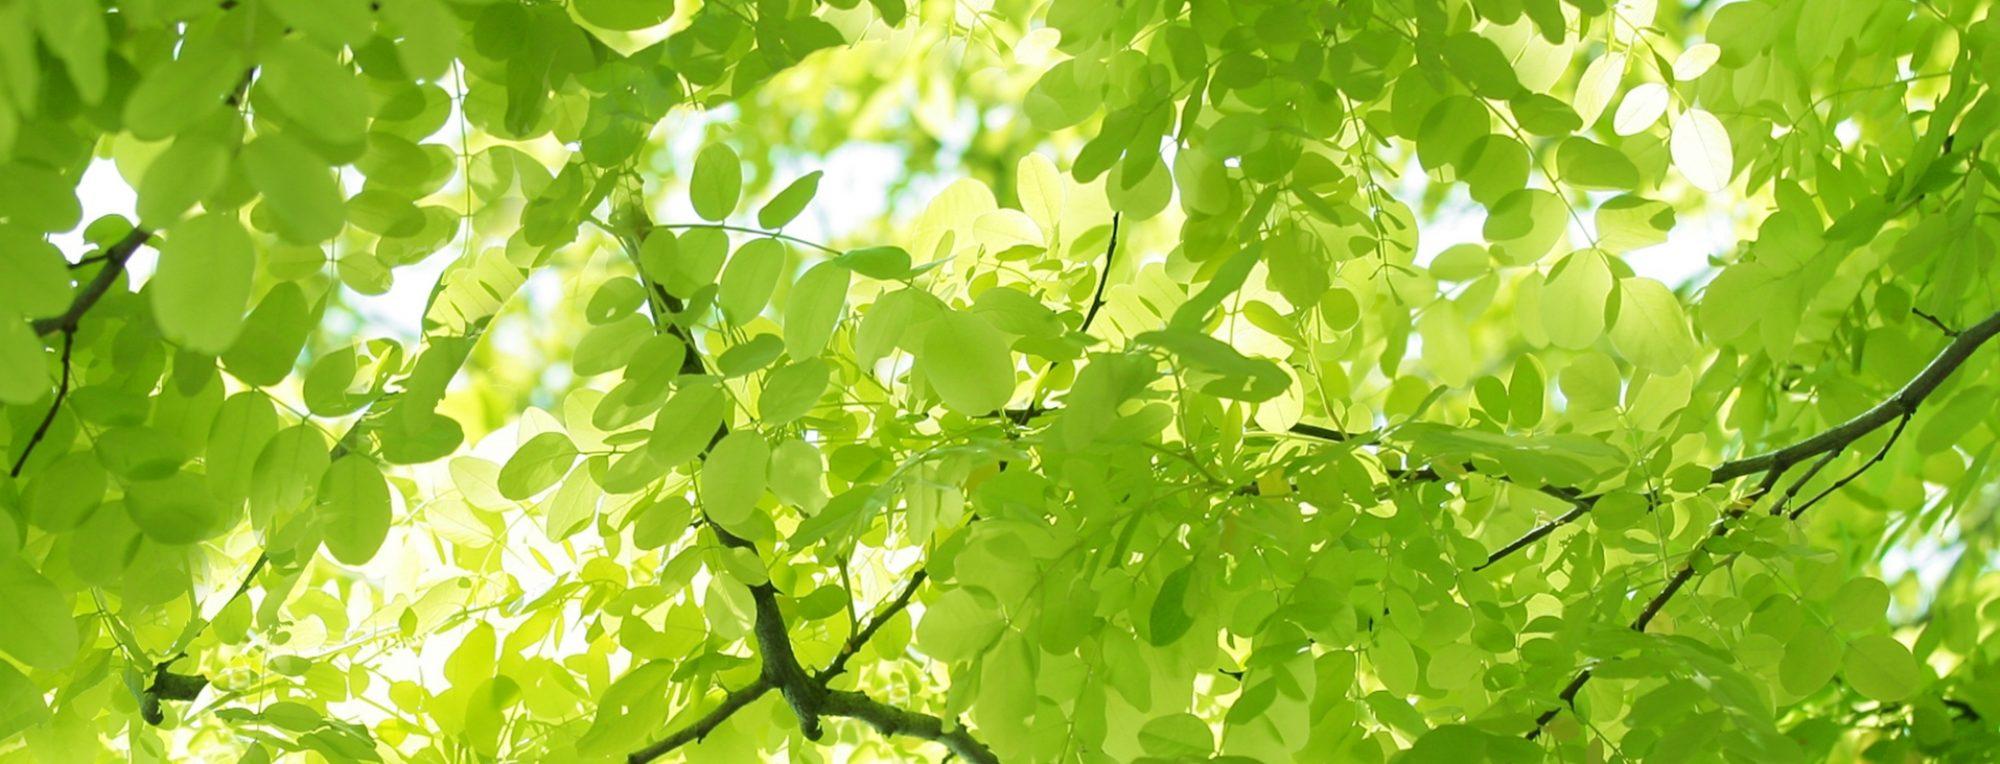 桐花園のブログ